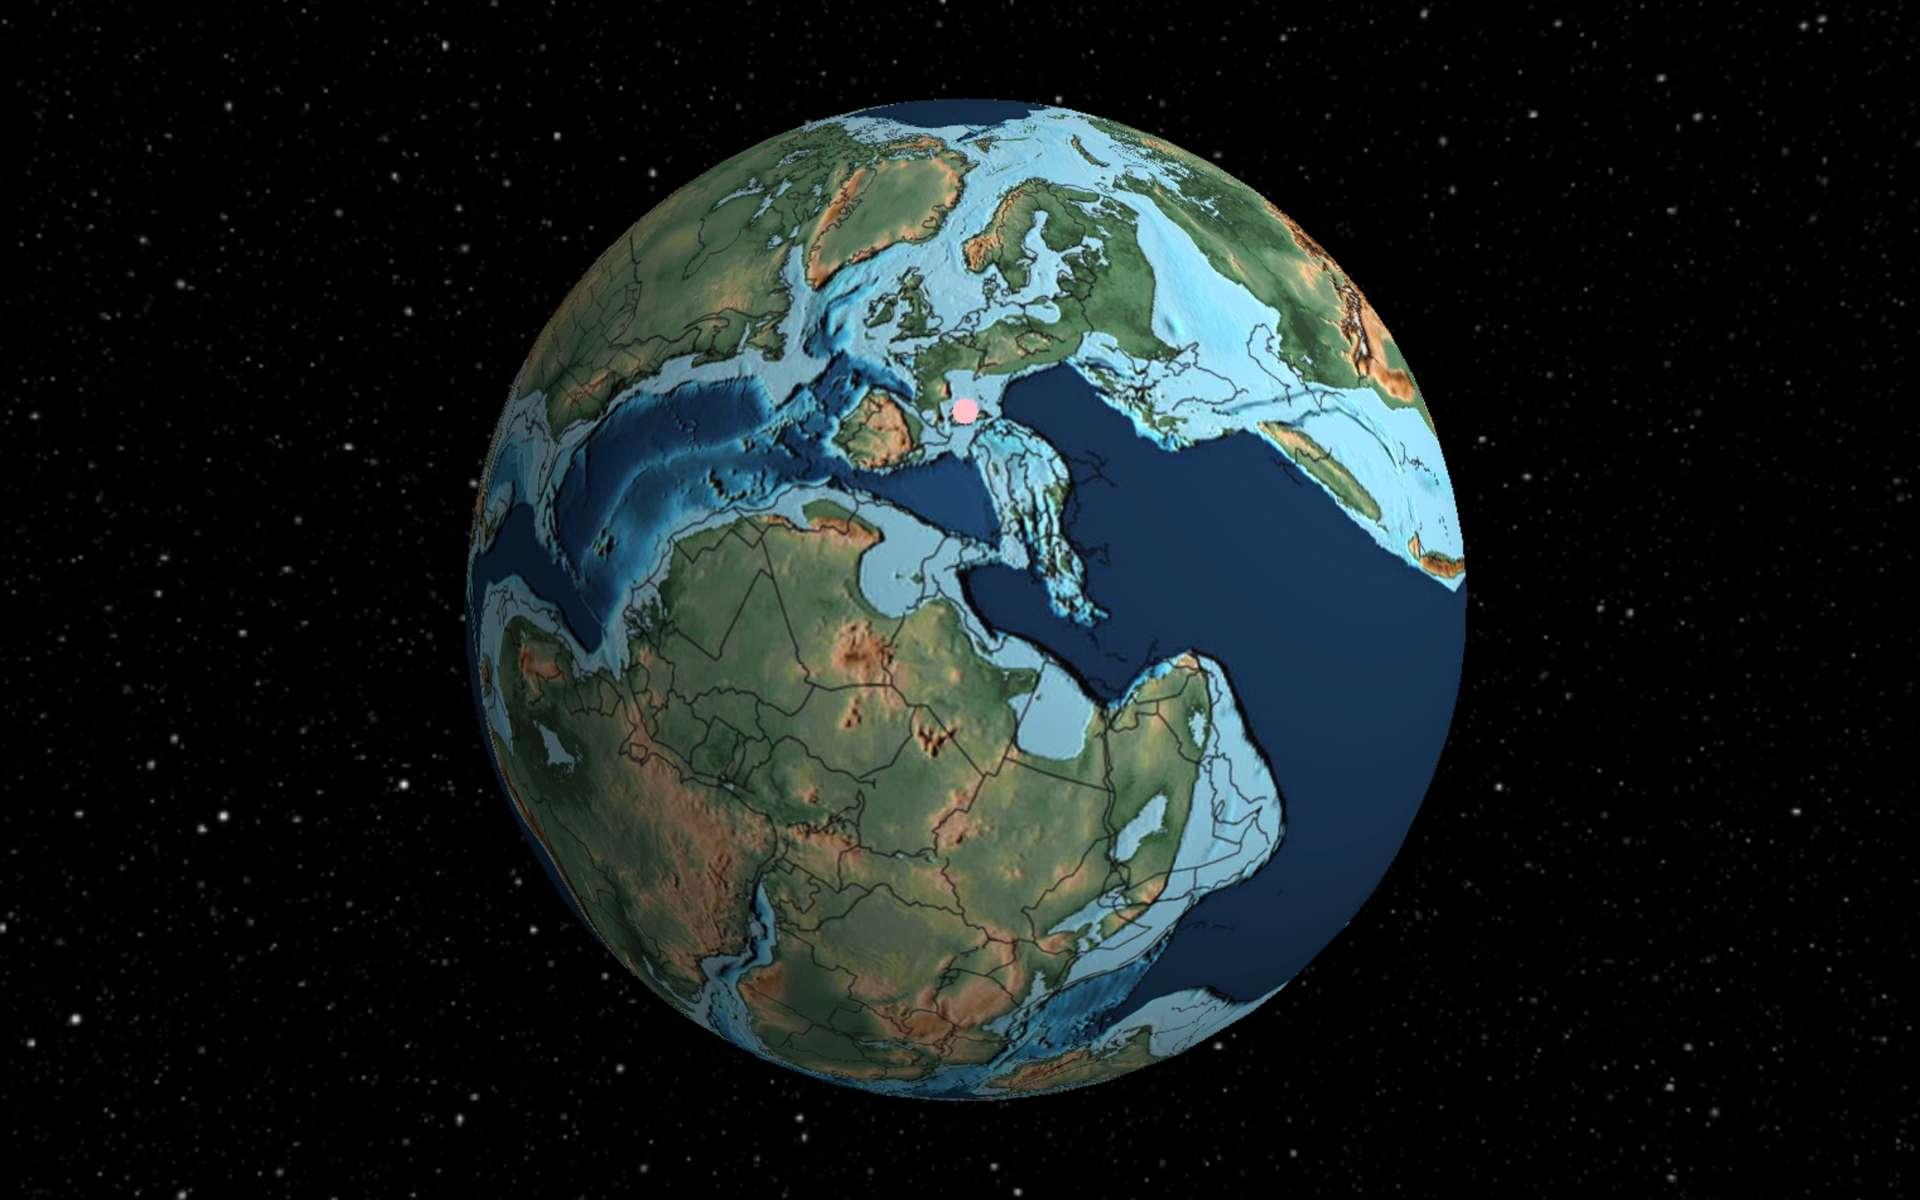 Il y a 120 millions d'années, le climat global était plus chaud qu'aujourd'hui. Point de calotte glaciaire à cette période. L'Europe est en encore en morceaux. Une partie de la France est sous l'eau. © Ian Webster